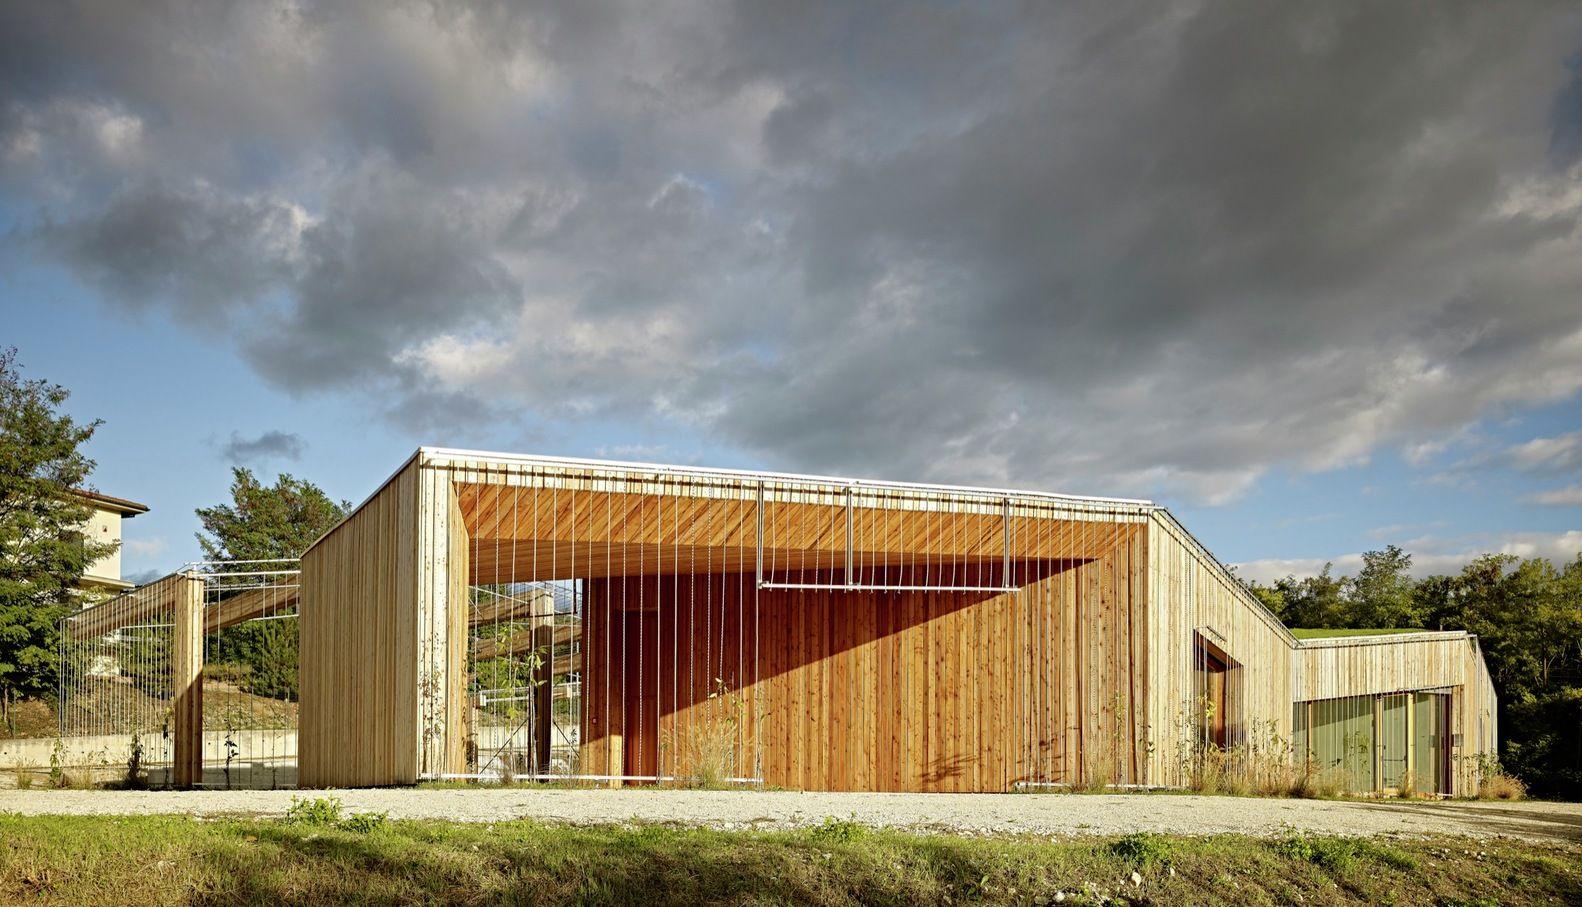 Galería - Centro Comunitario en Poggio Picenze / Burnazzi Feltrin Architetti - 1